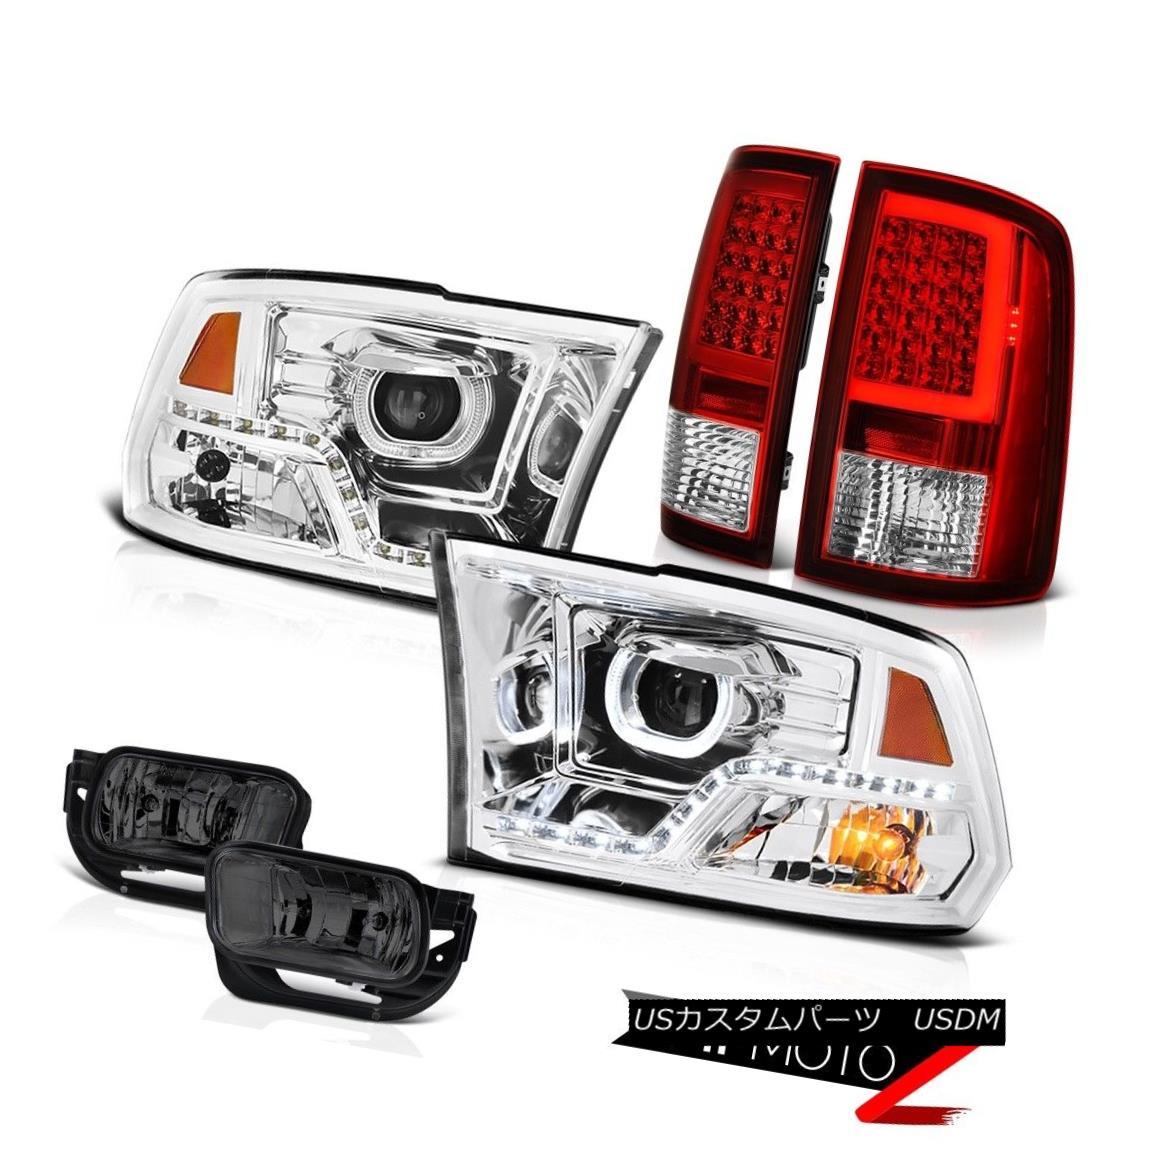 ヘッドライト 09 10 11-18 Dodge RAM 2500 Bloody Red Tail Lamps Crystal Clear DRL Head Lamp Fog 09 10 11-18ダッジRAM 2500ブラッディレッドテールランプクリスタルクリアDRLヘッドランプフォグ画像